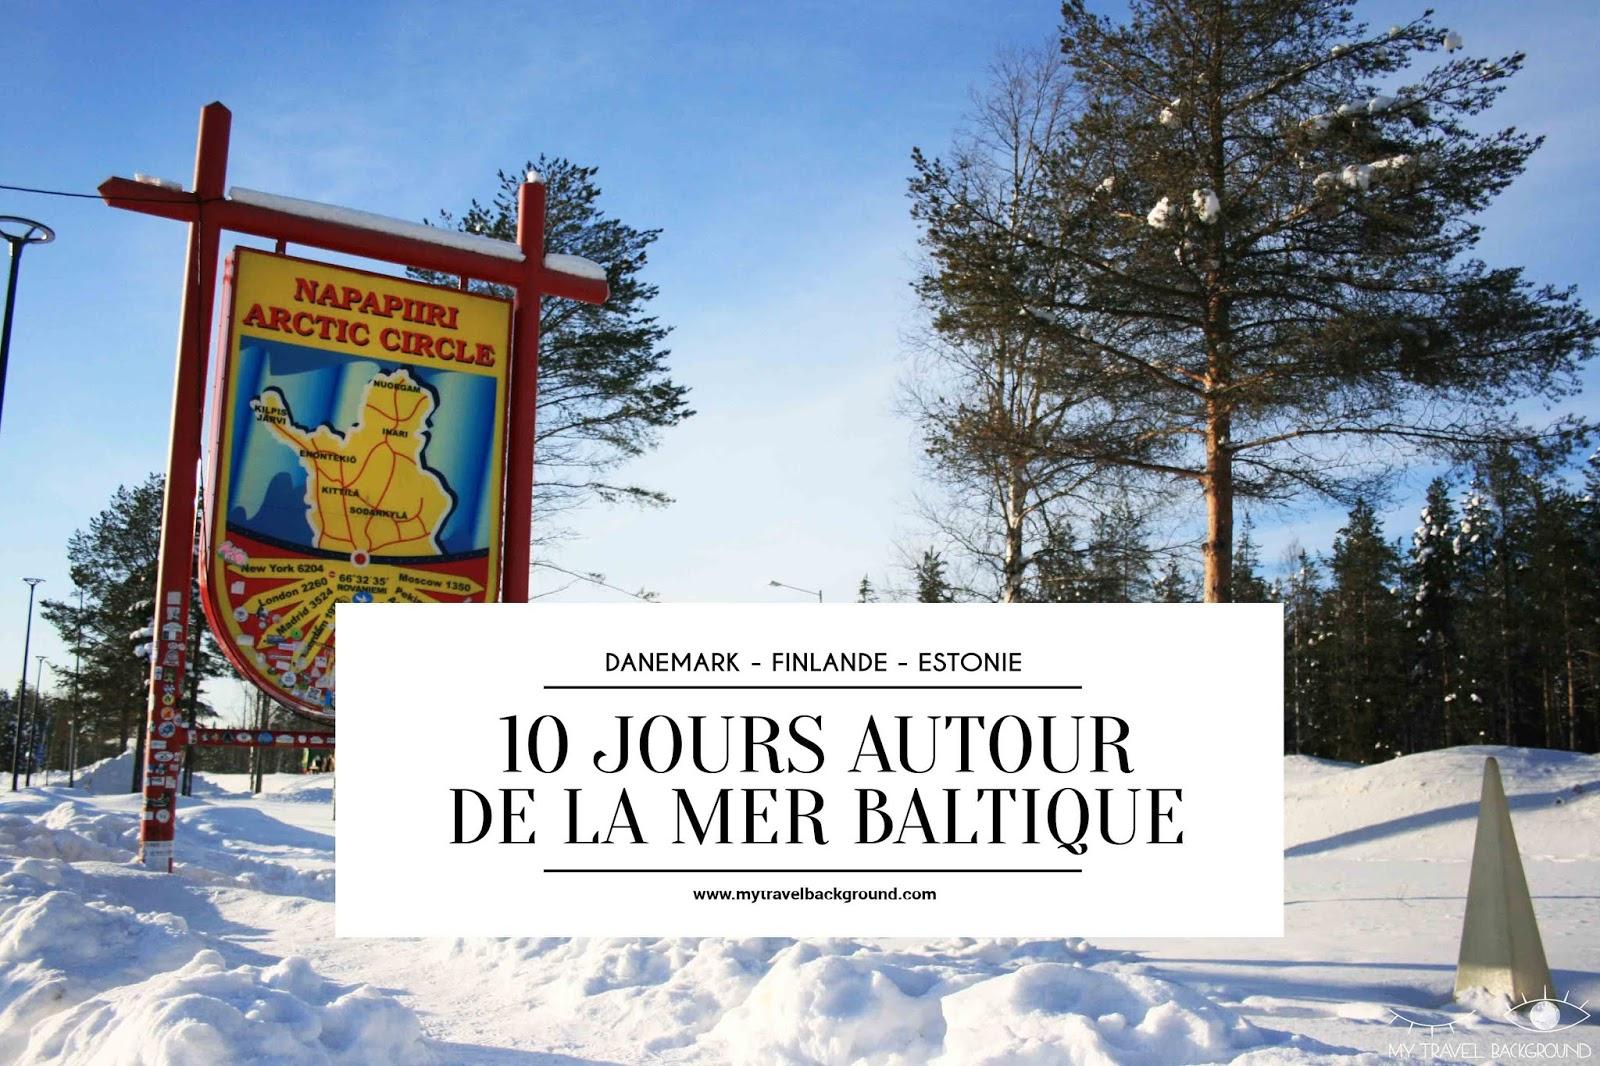 My Travel Background : road trip de 10 jours autour de la mer baltique : Danemark, Finlande, Estonie